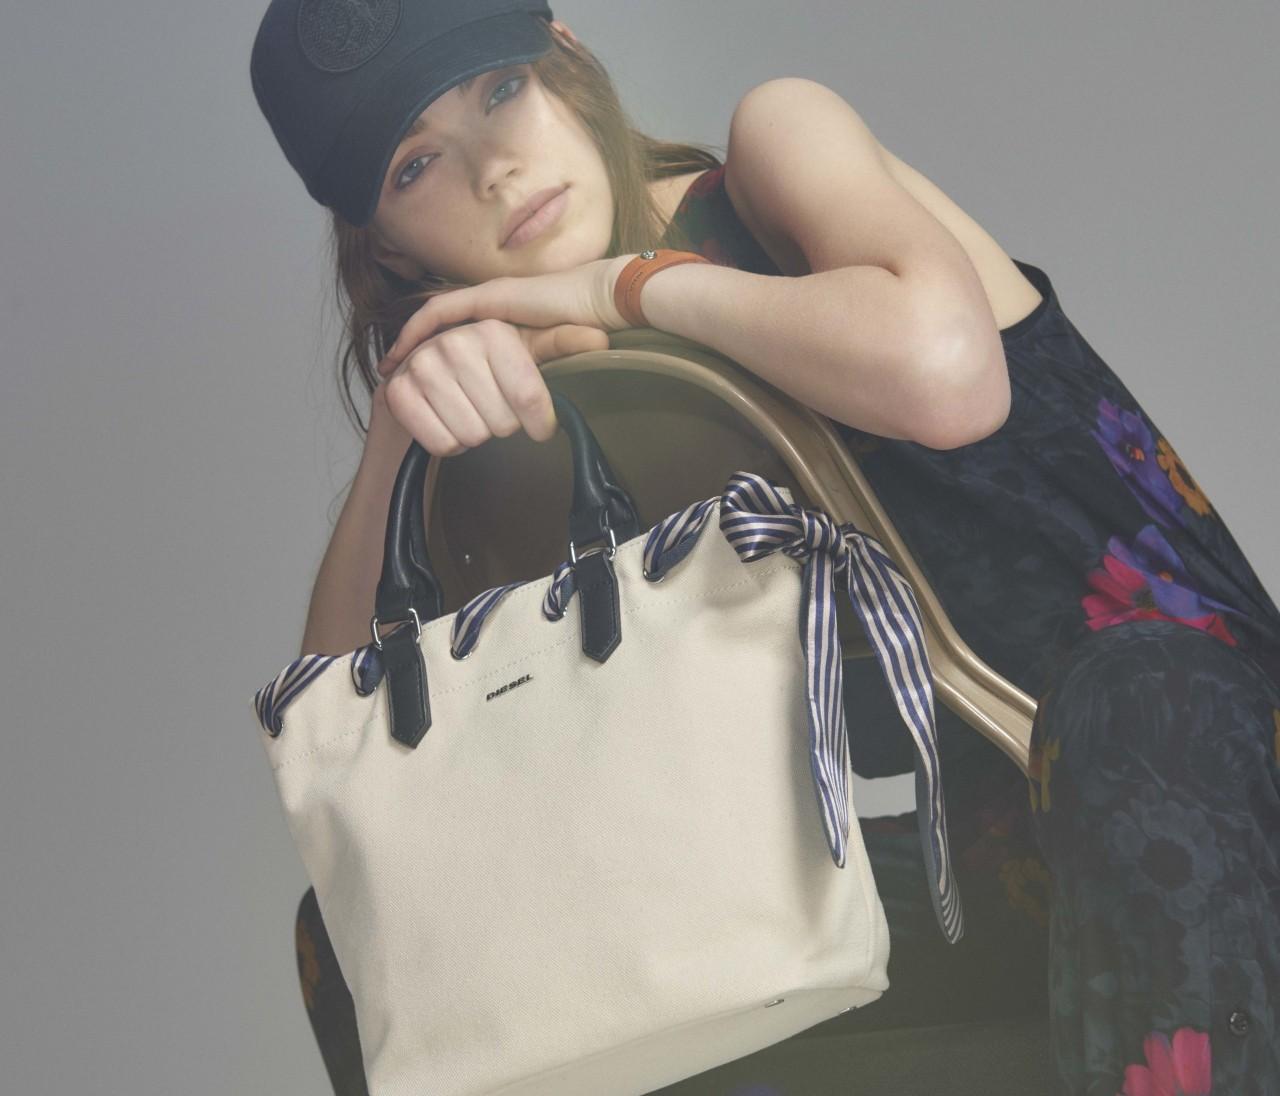 【ディーゼル】リボントリムが可愛い! 日本限定バッグがリリース